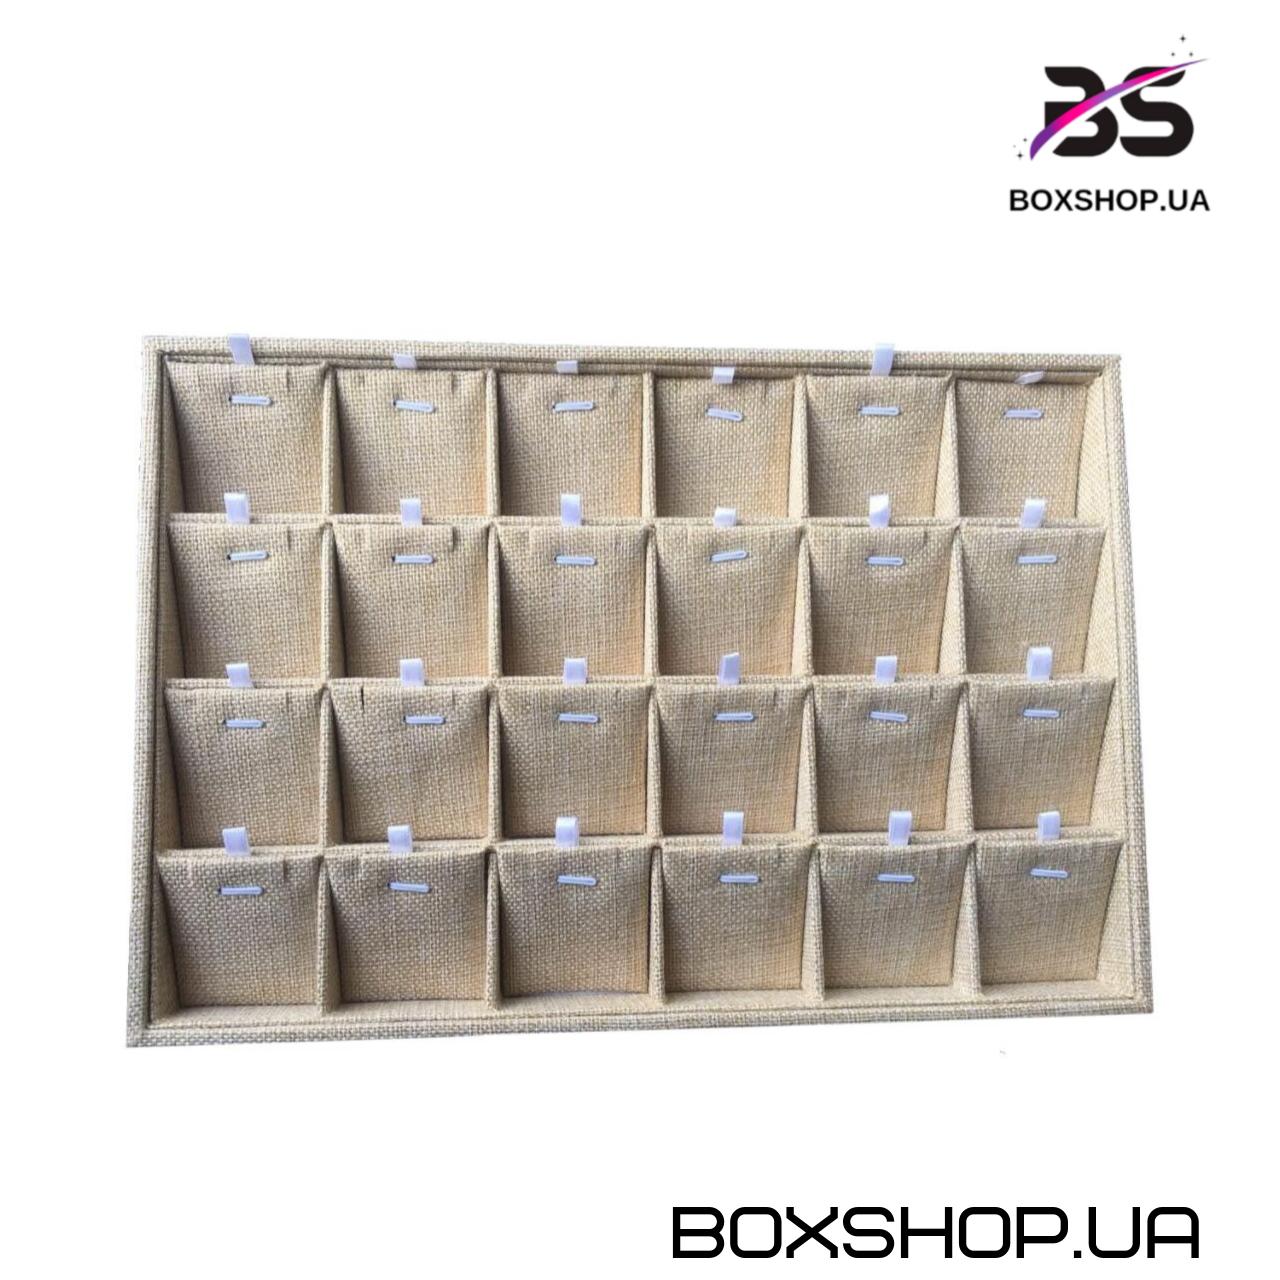 Ювелирный планшет BOXSHOP - 1022178133